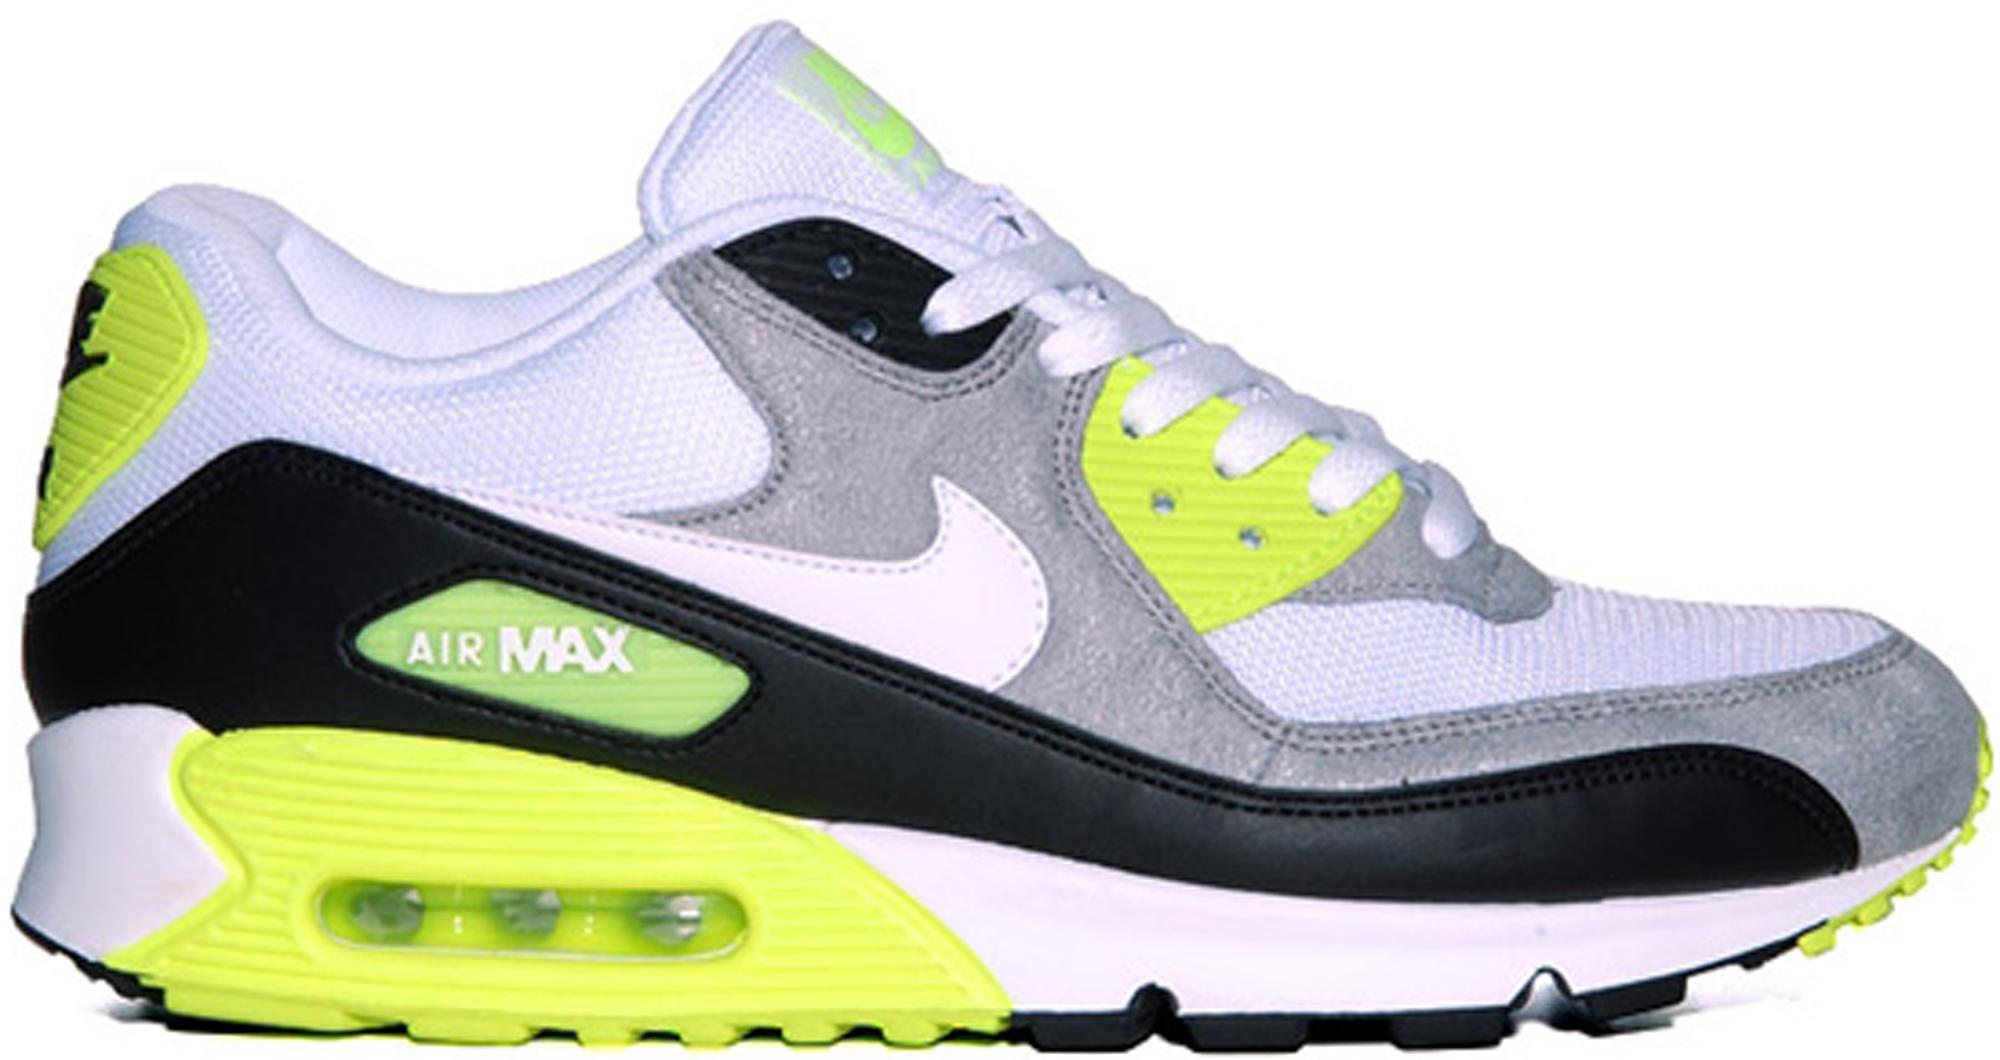 Nike Air Max 90 White Volt (2012